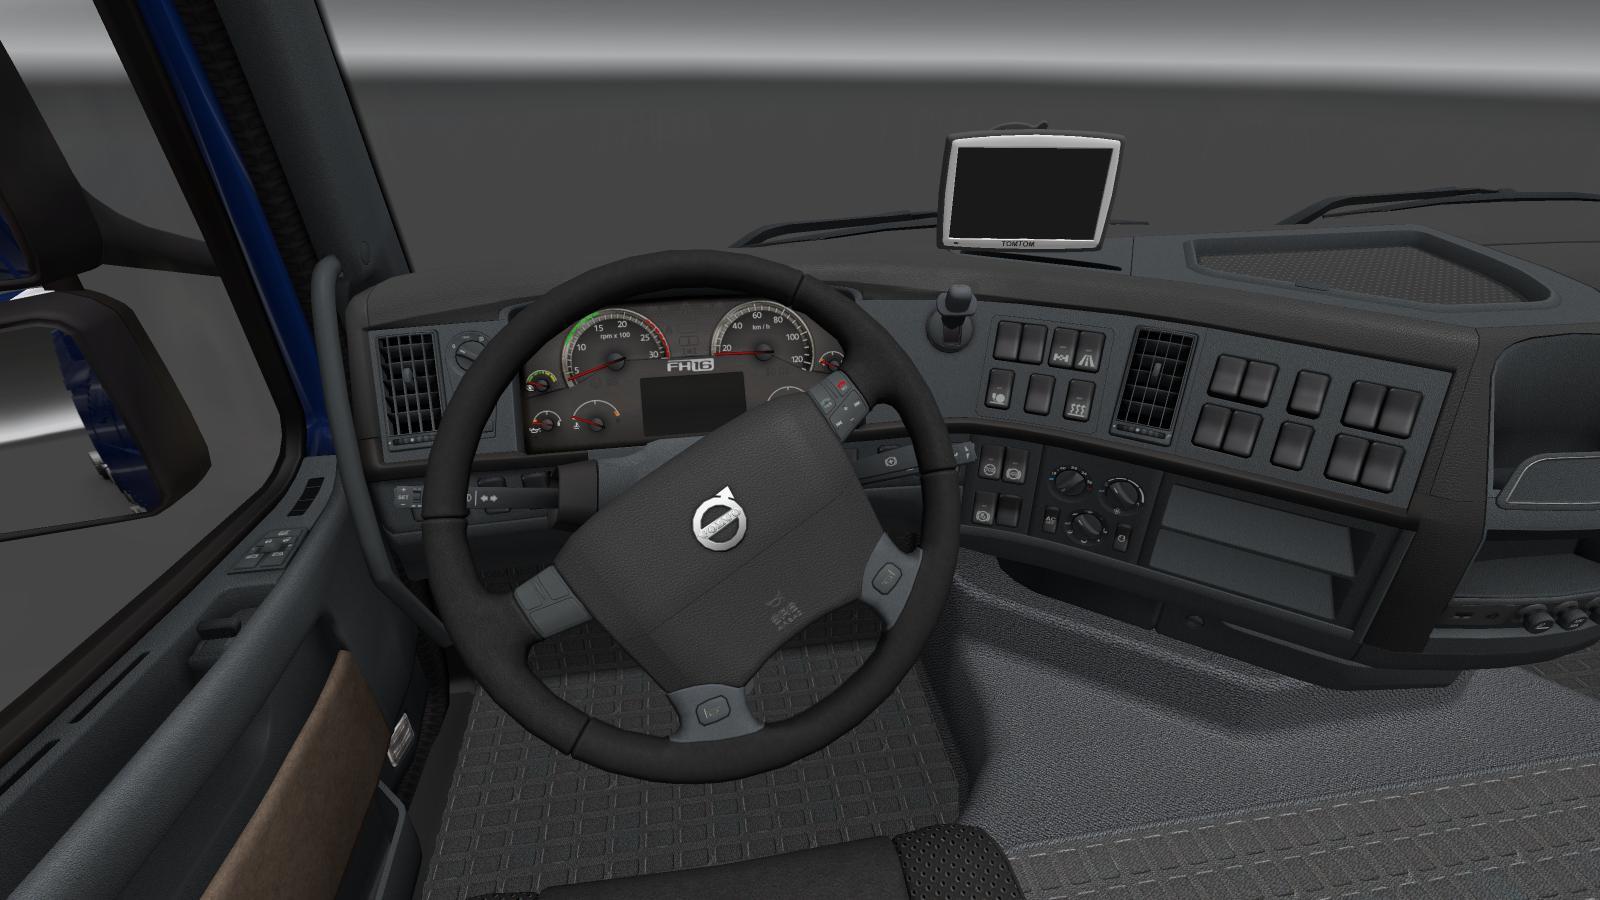 Tomtom Navigation For All Trucks Gps 1 0 Mod Euro Truck